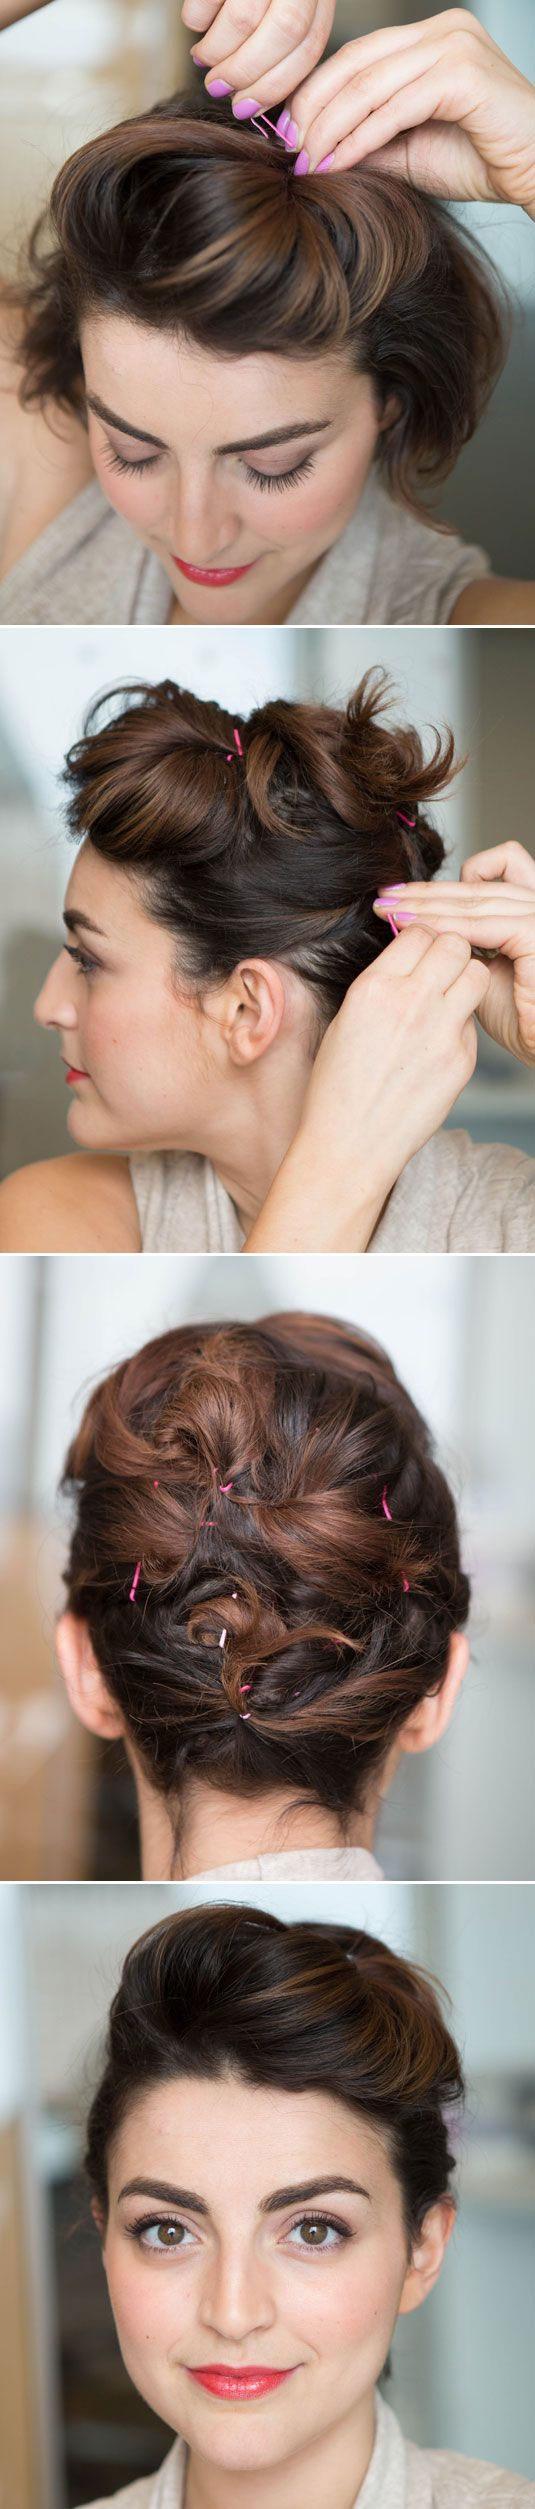 Coiffures-De-5-Minutes-Pour-Vos-Cheveux-Courts-12